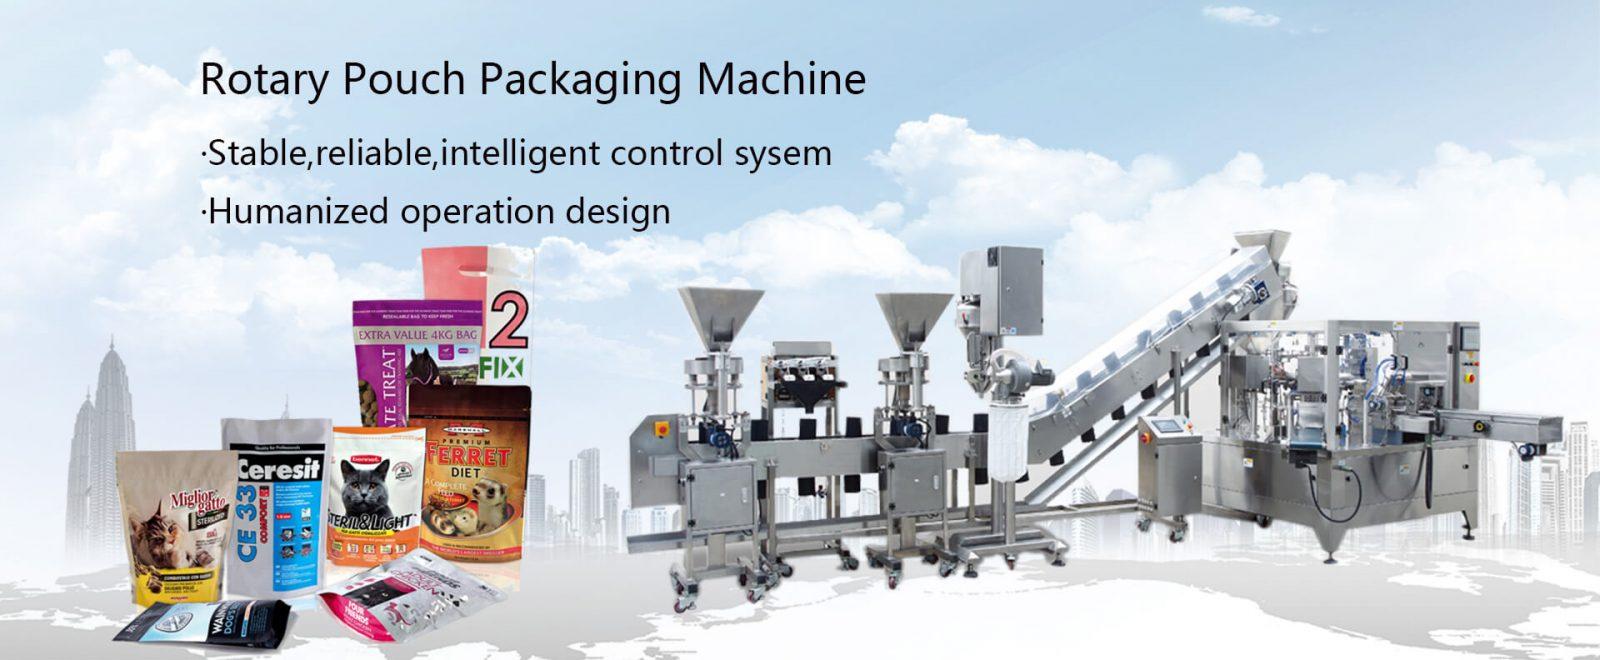 Ротационная машина для упаковки пакетов